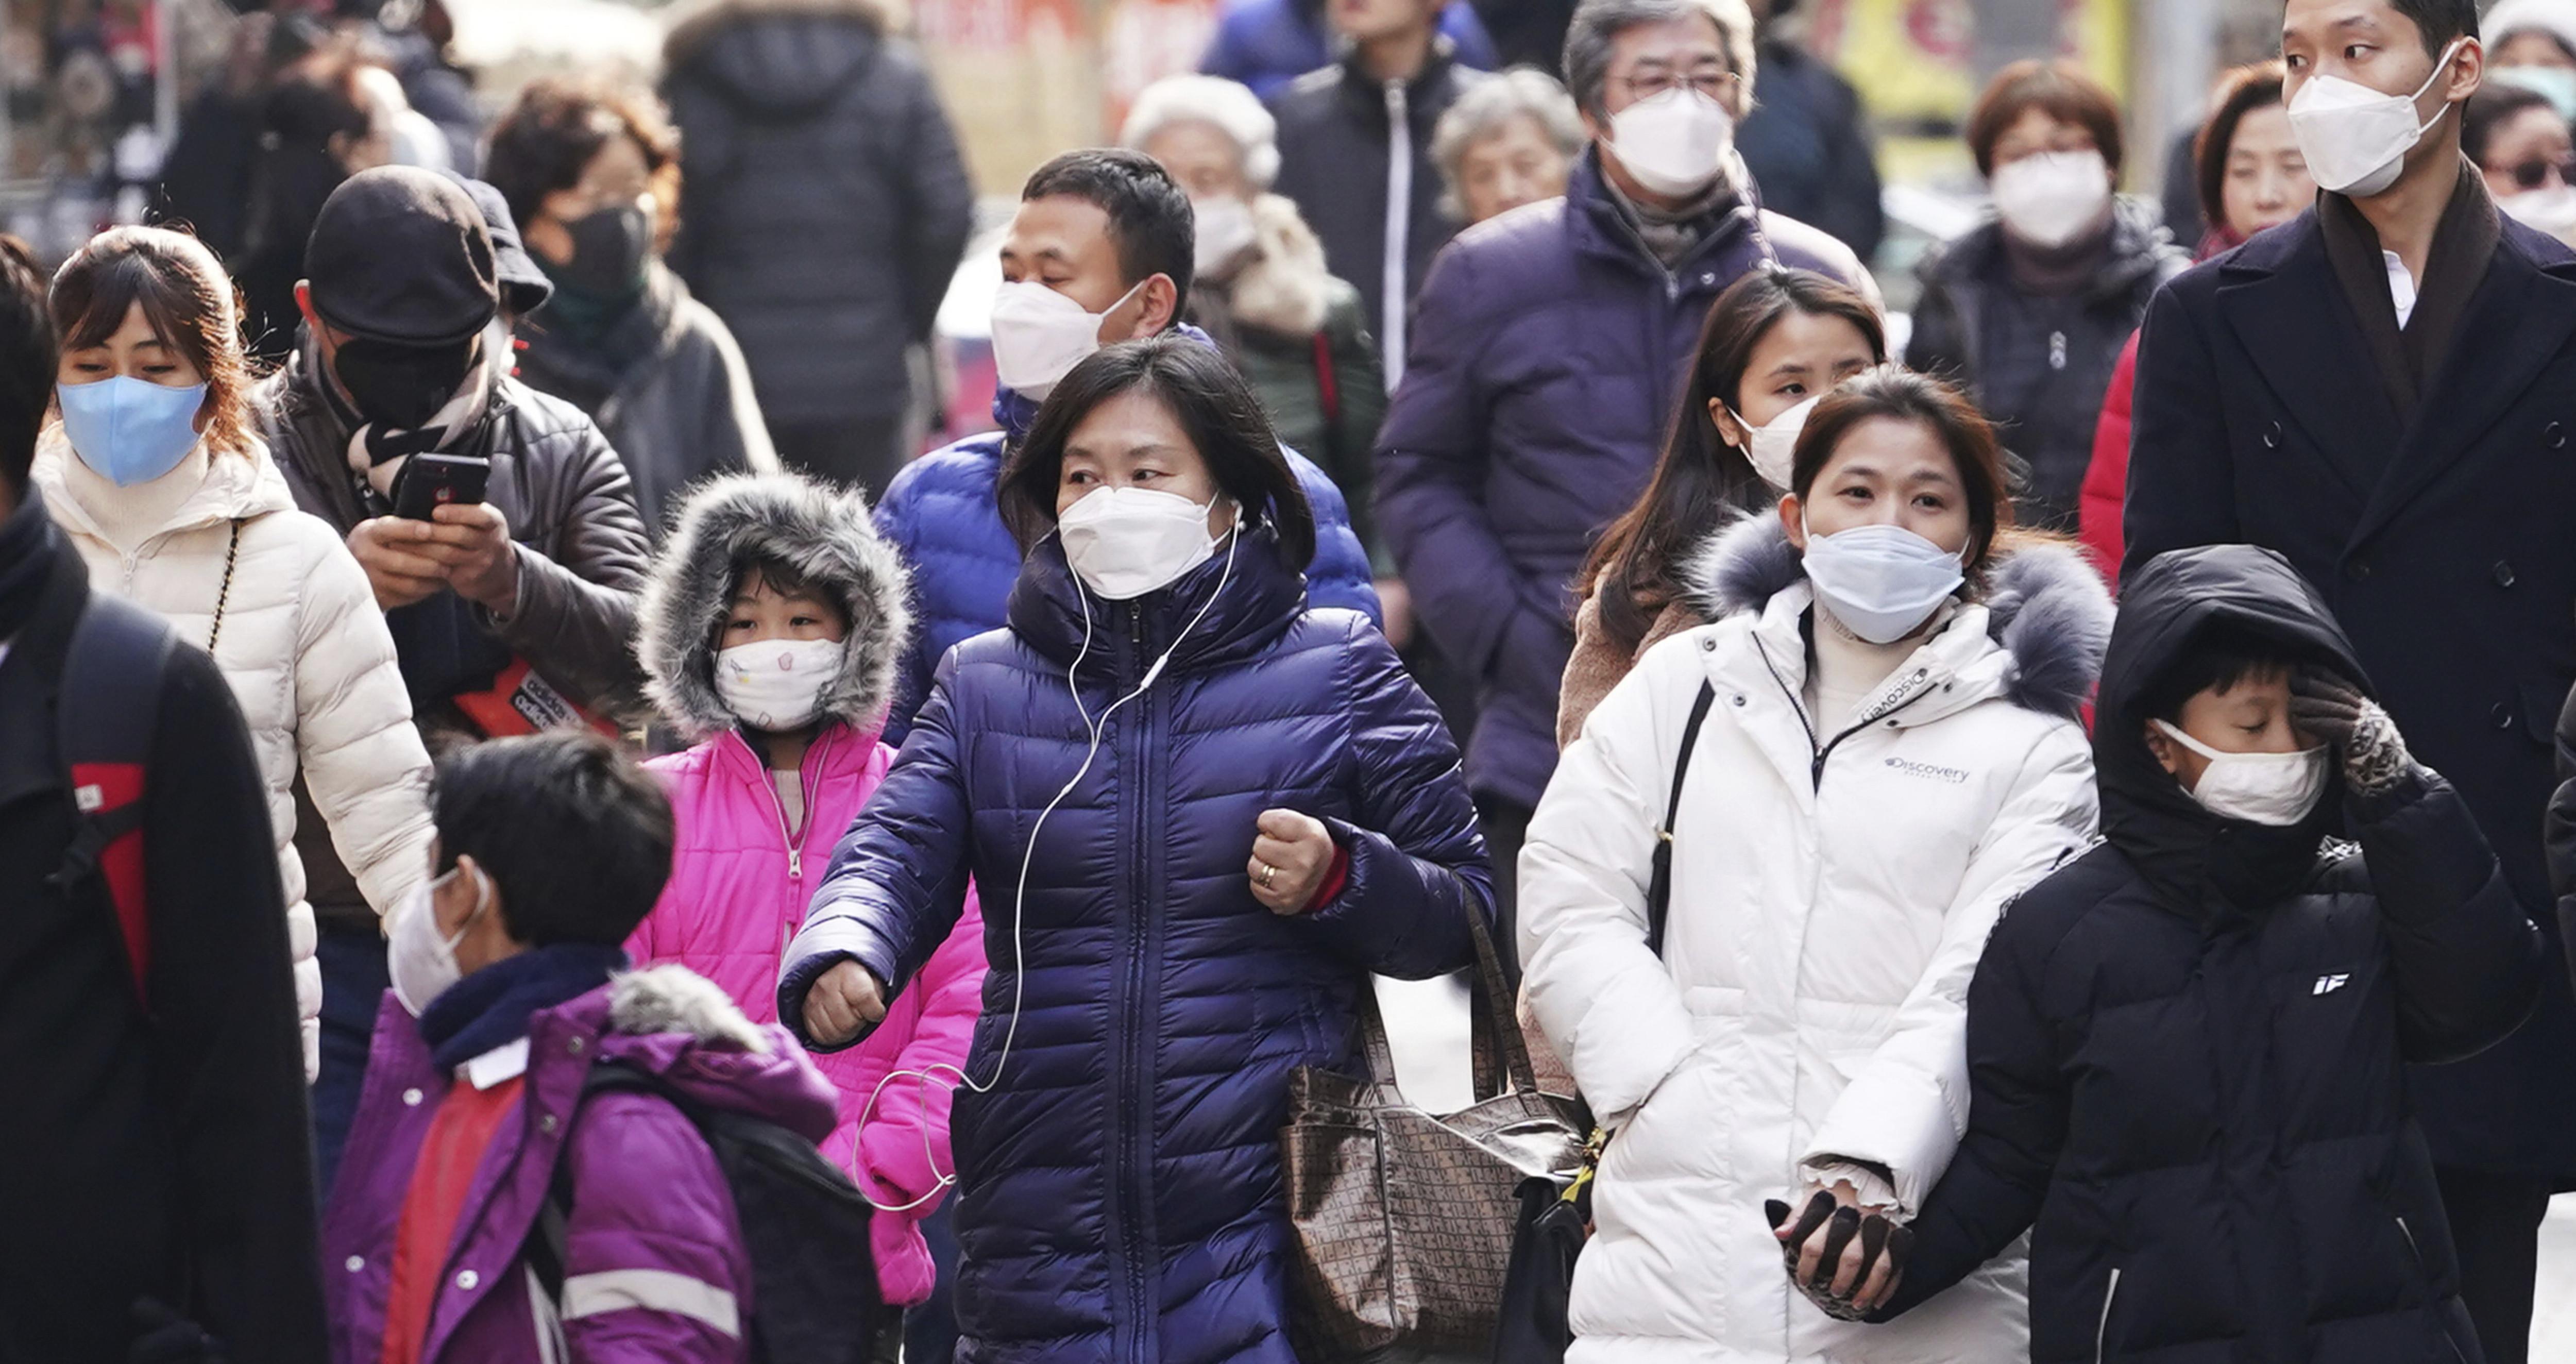 ▲▼武漢肺炎/南韓民眾上街都戴上口罩。(圖/達志影像/美聯社)